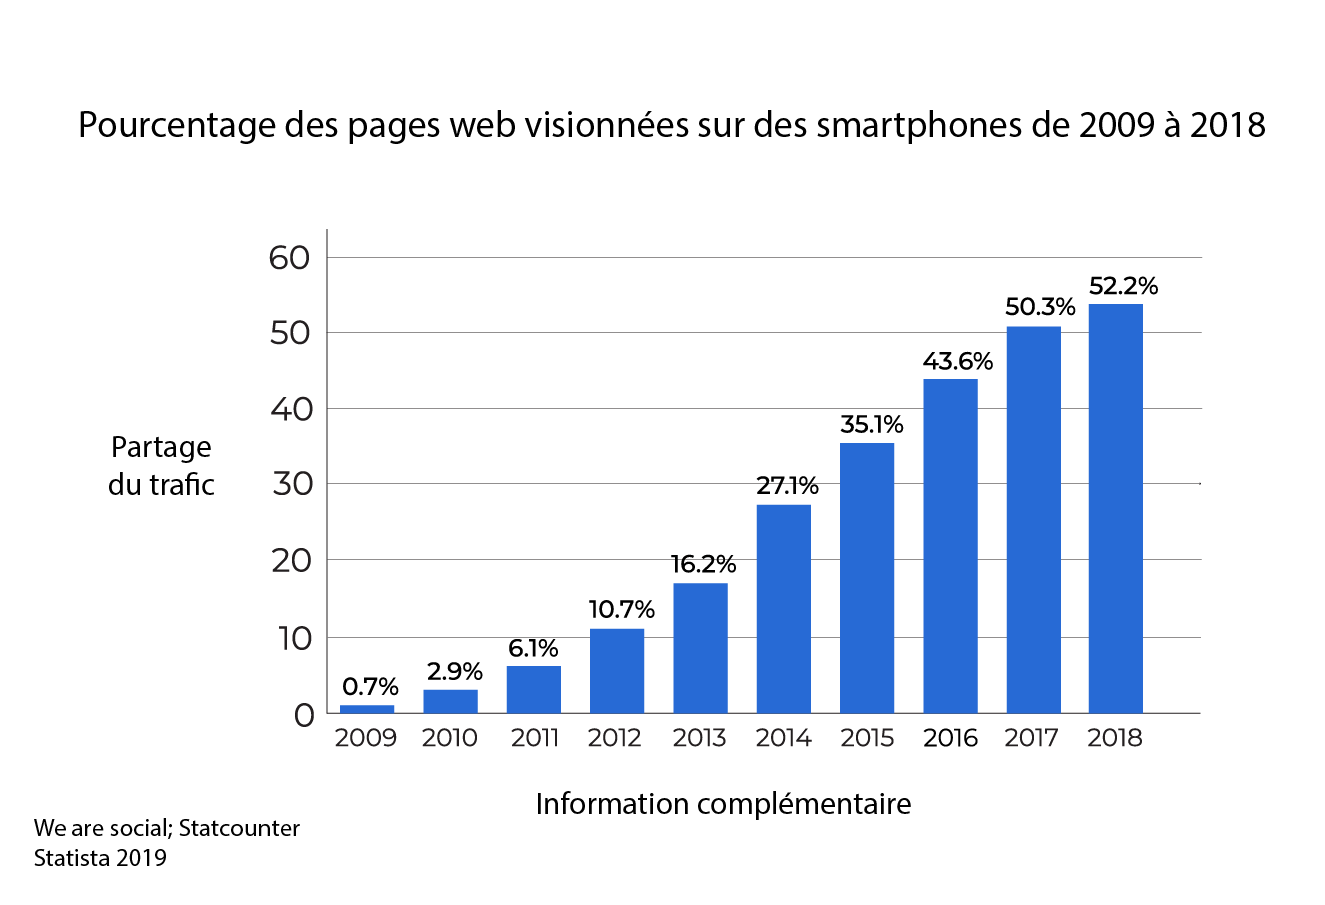 Pourcentage des pages web utilisées sur les téléphones mobiles de 2009 à 2018